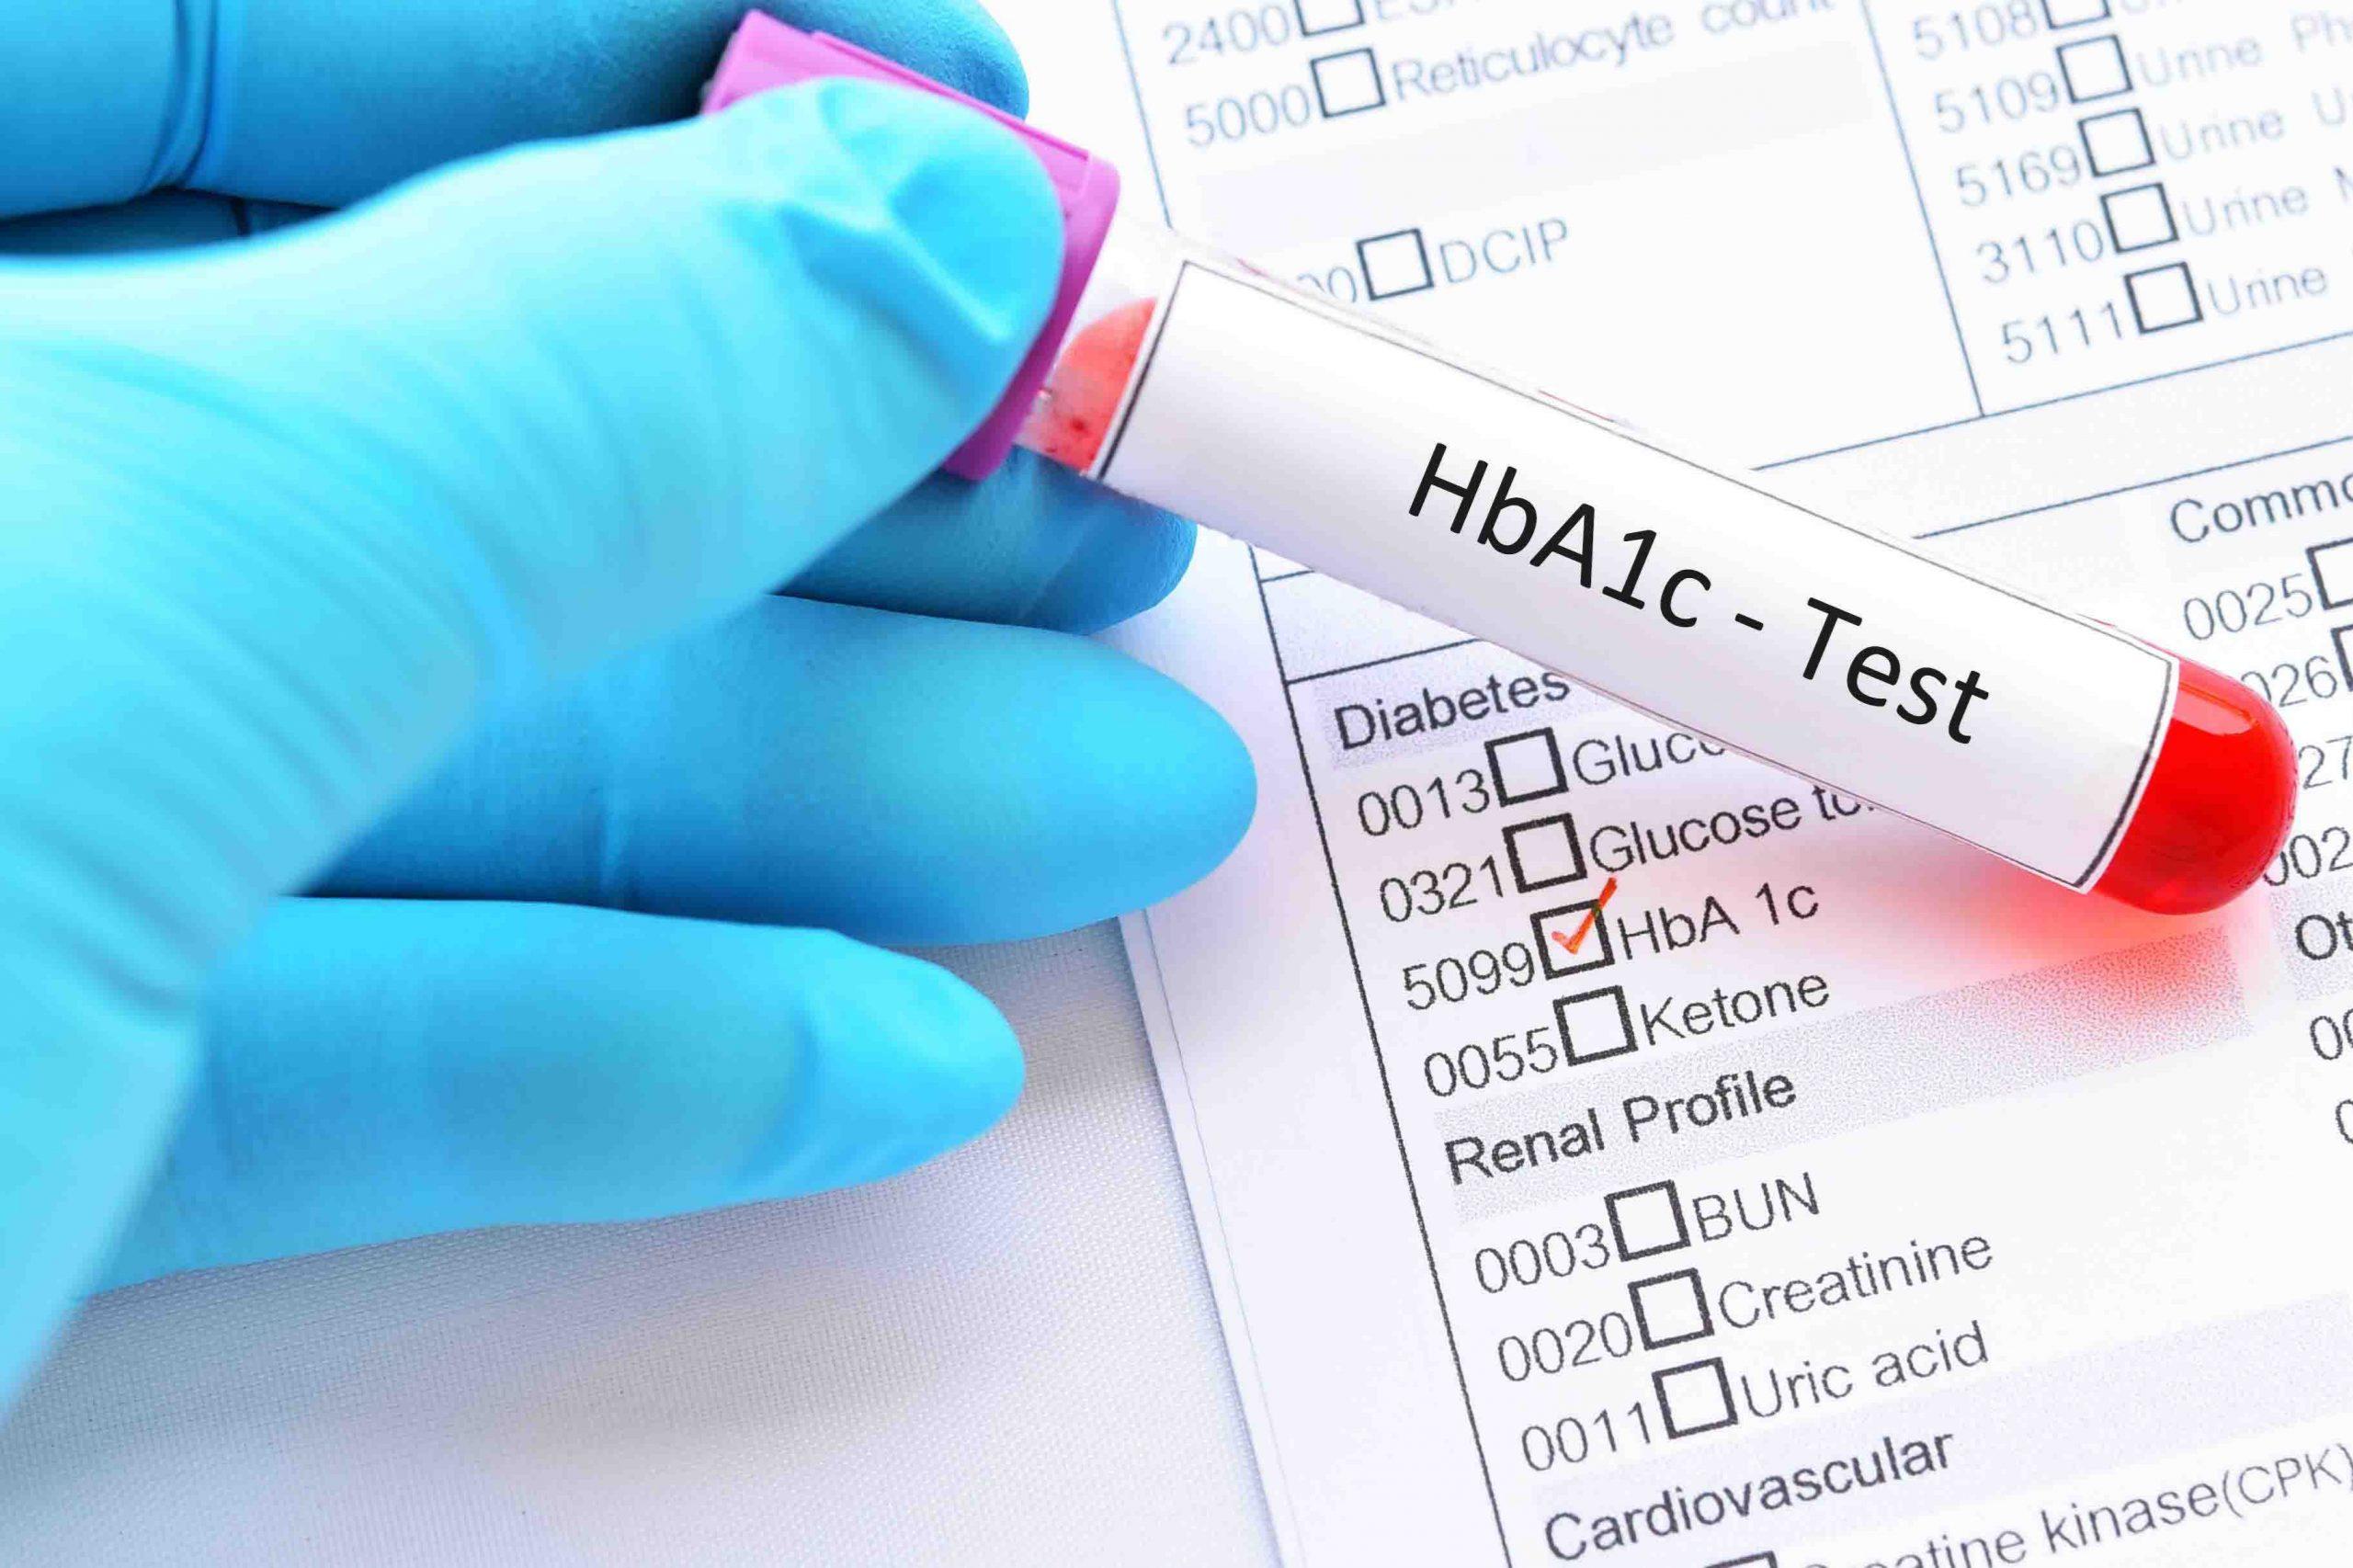 برای اندازهگیری HbA1c کیتهای آزمایشگاهی متفاوتی وجود دارد